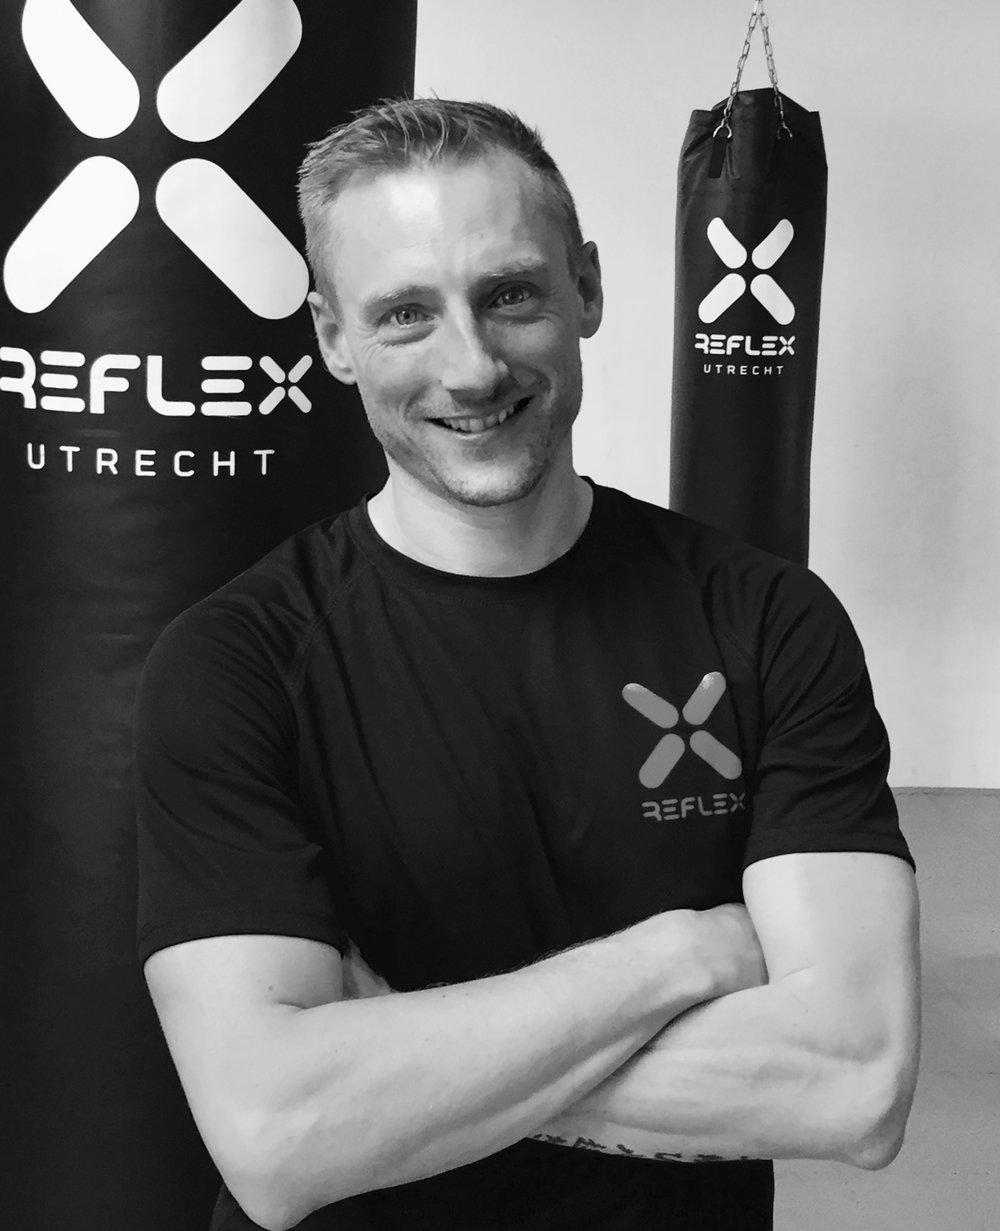 Hylke Bos Reflex Utrecht.jpg